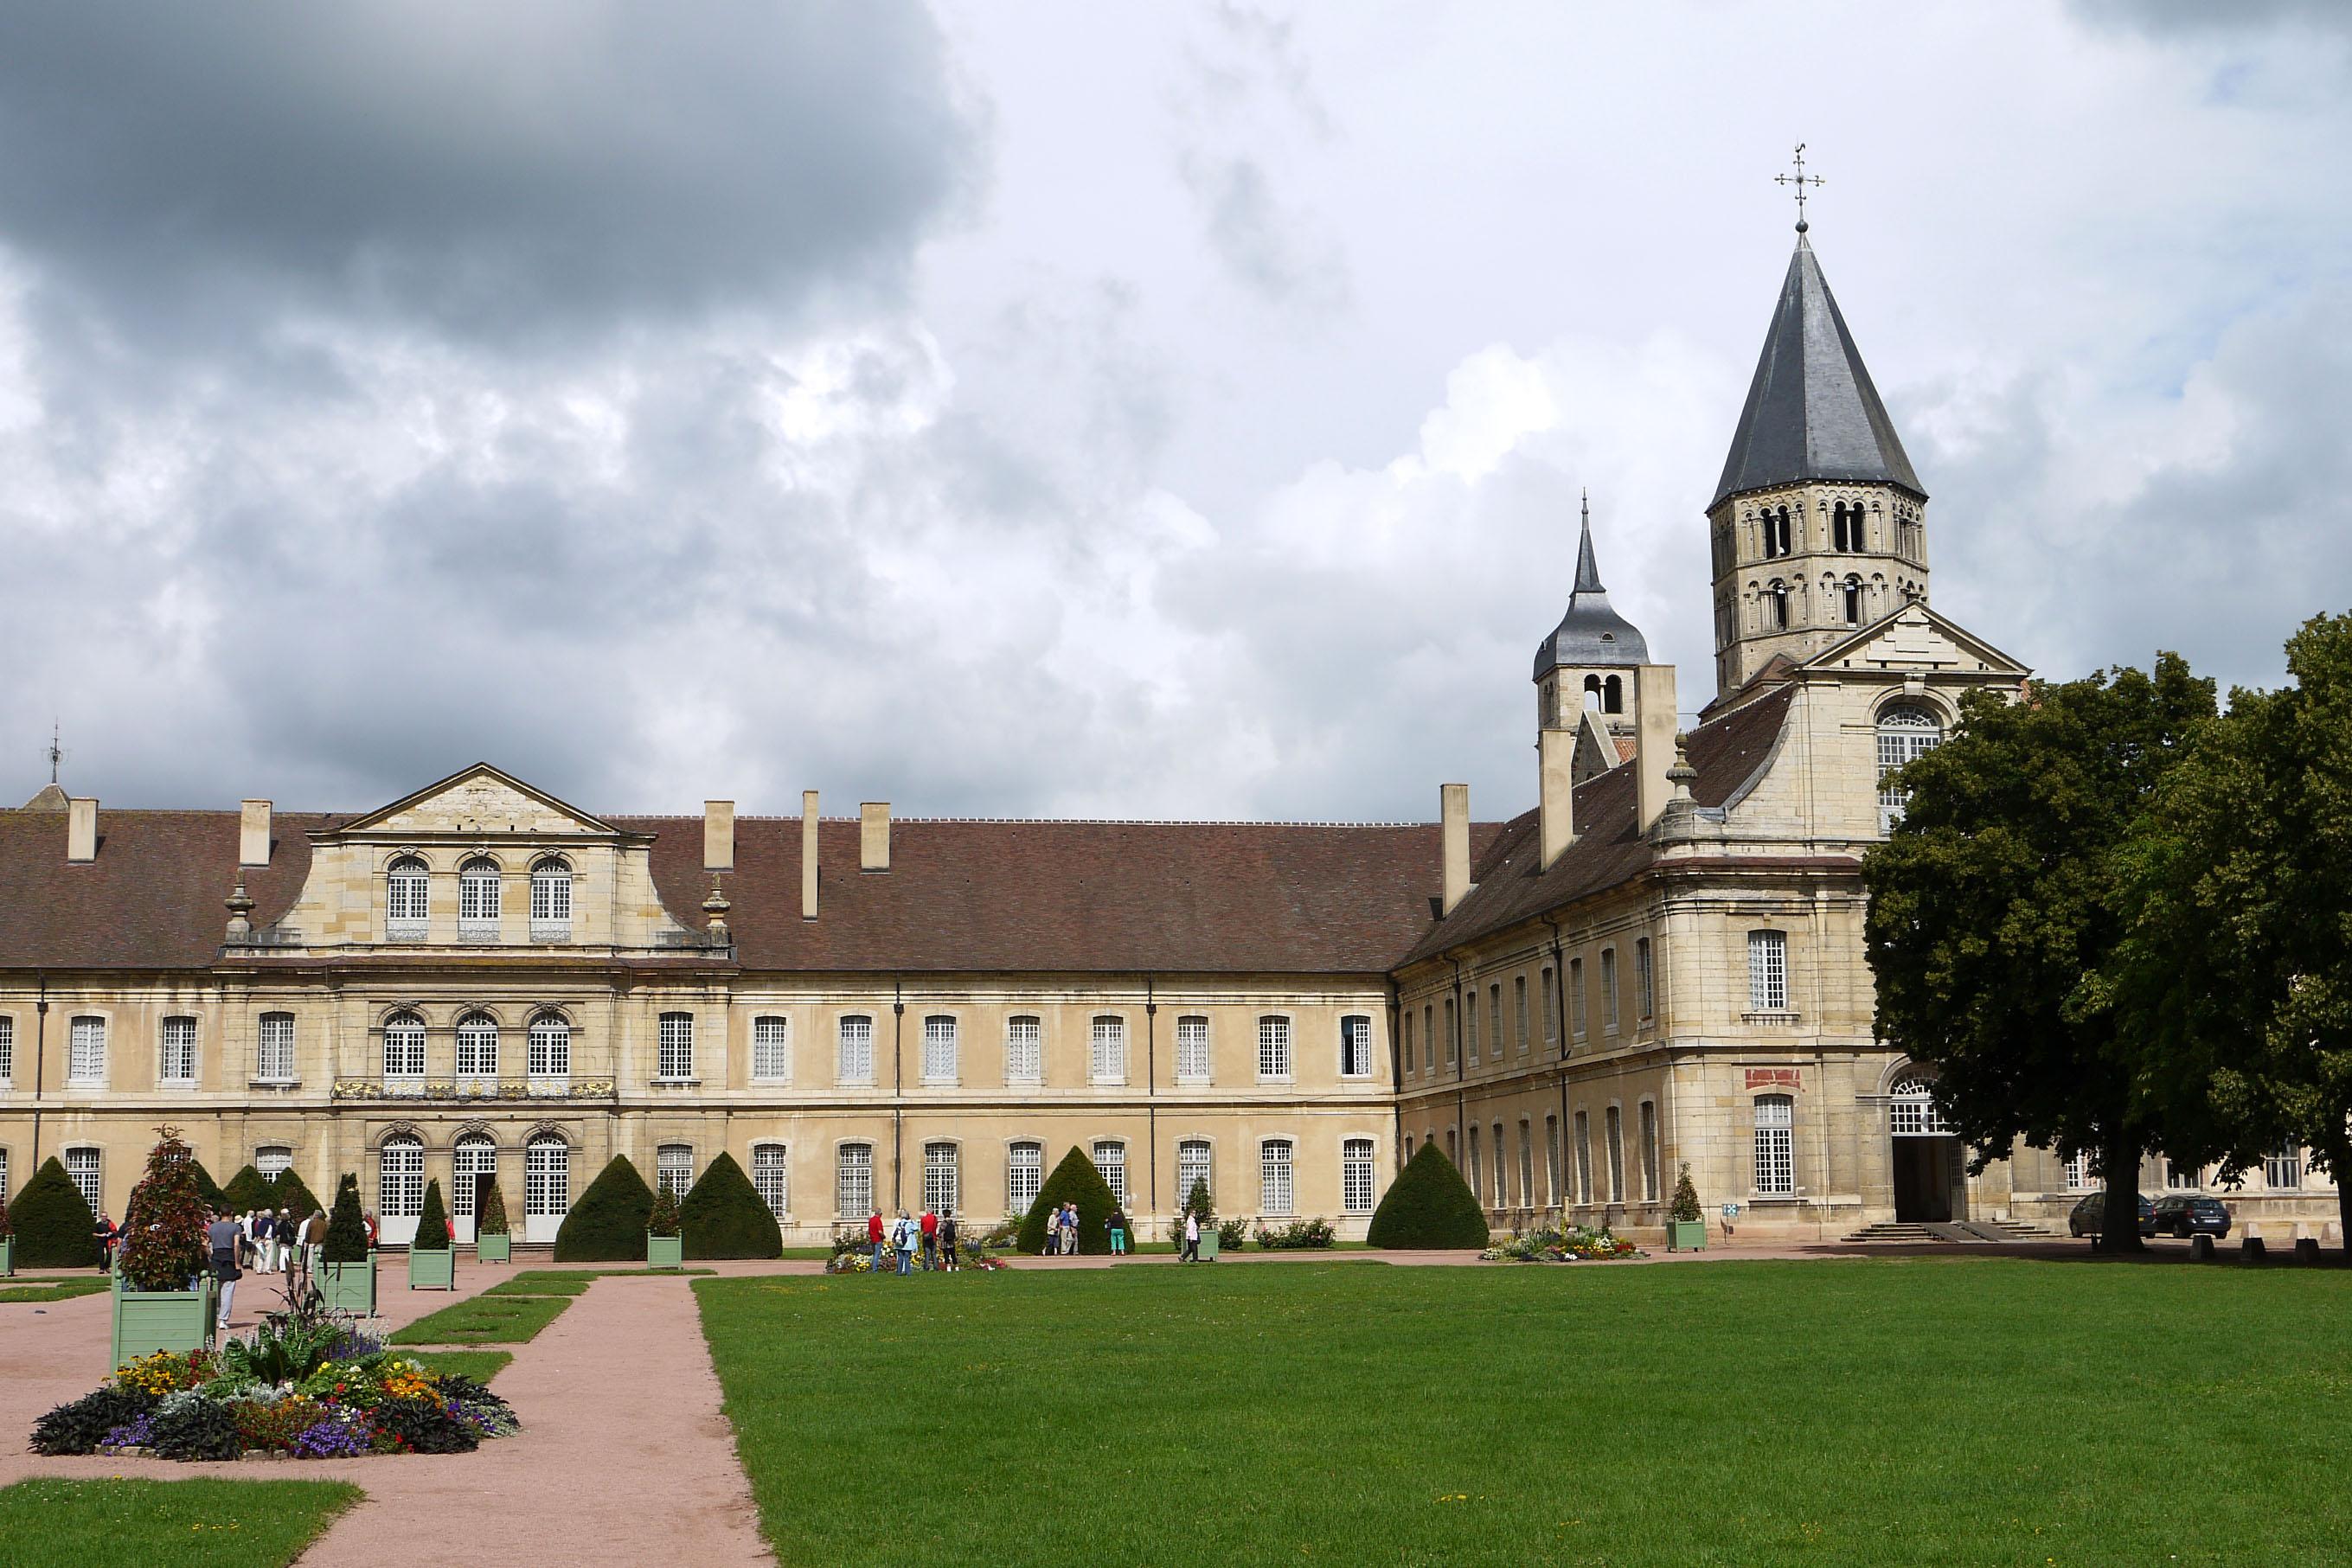 abbaye-de-cluny-2.jpg